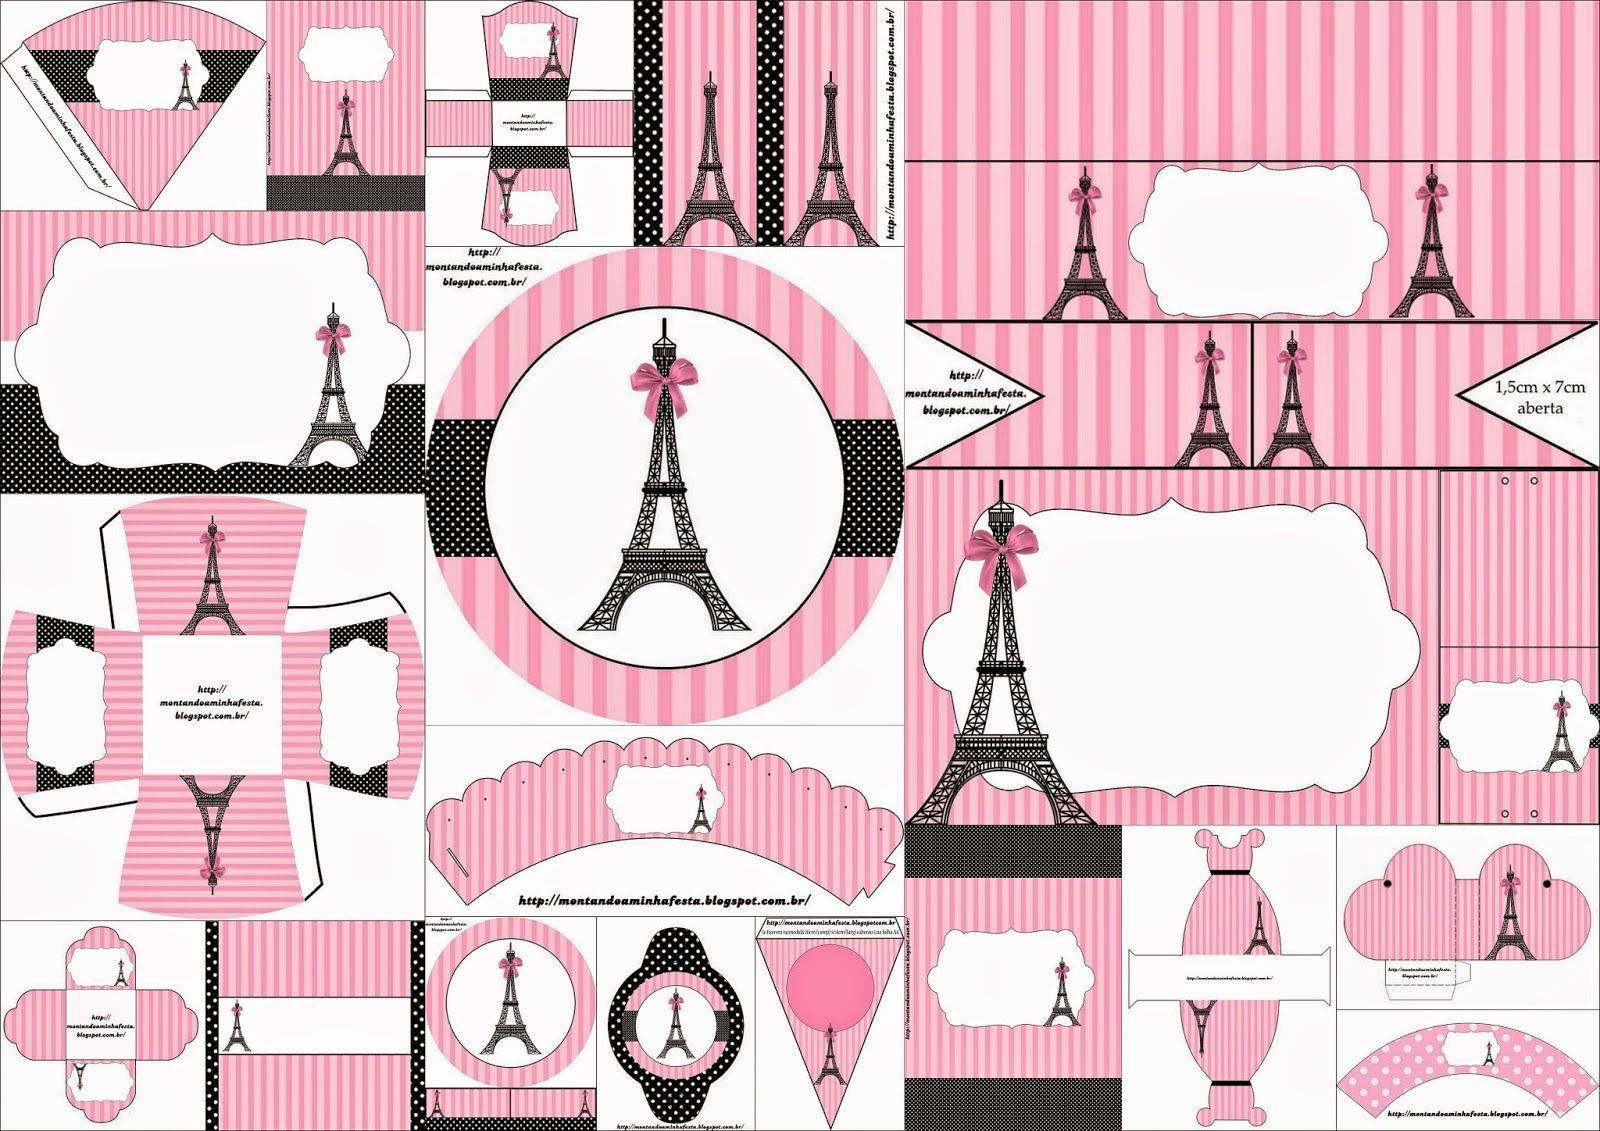 decoracion de mesas de dulces para xv años tema de paris - Buscar ...